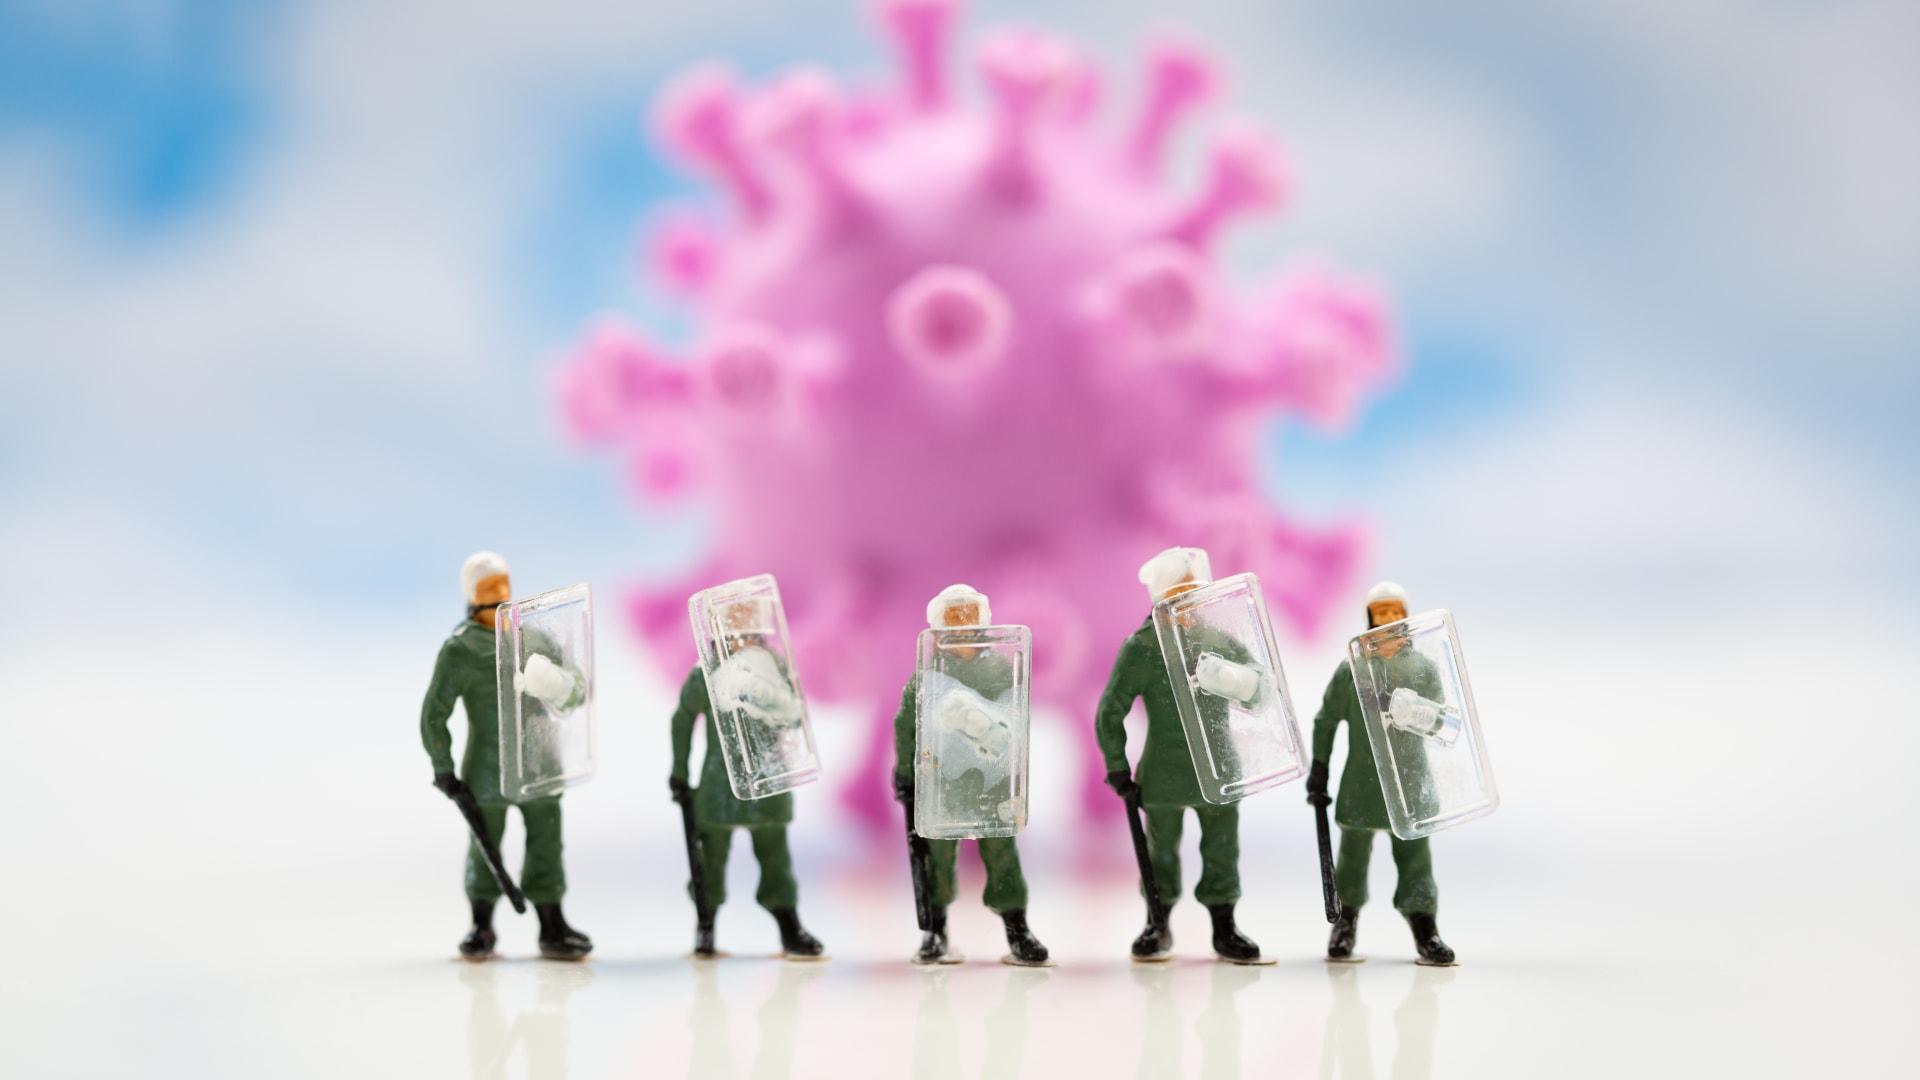 الحياة تستمر رغم فيروس كورونا..هذا ما أرادت هذه المصورة تذكيرنا به